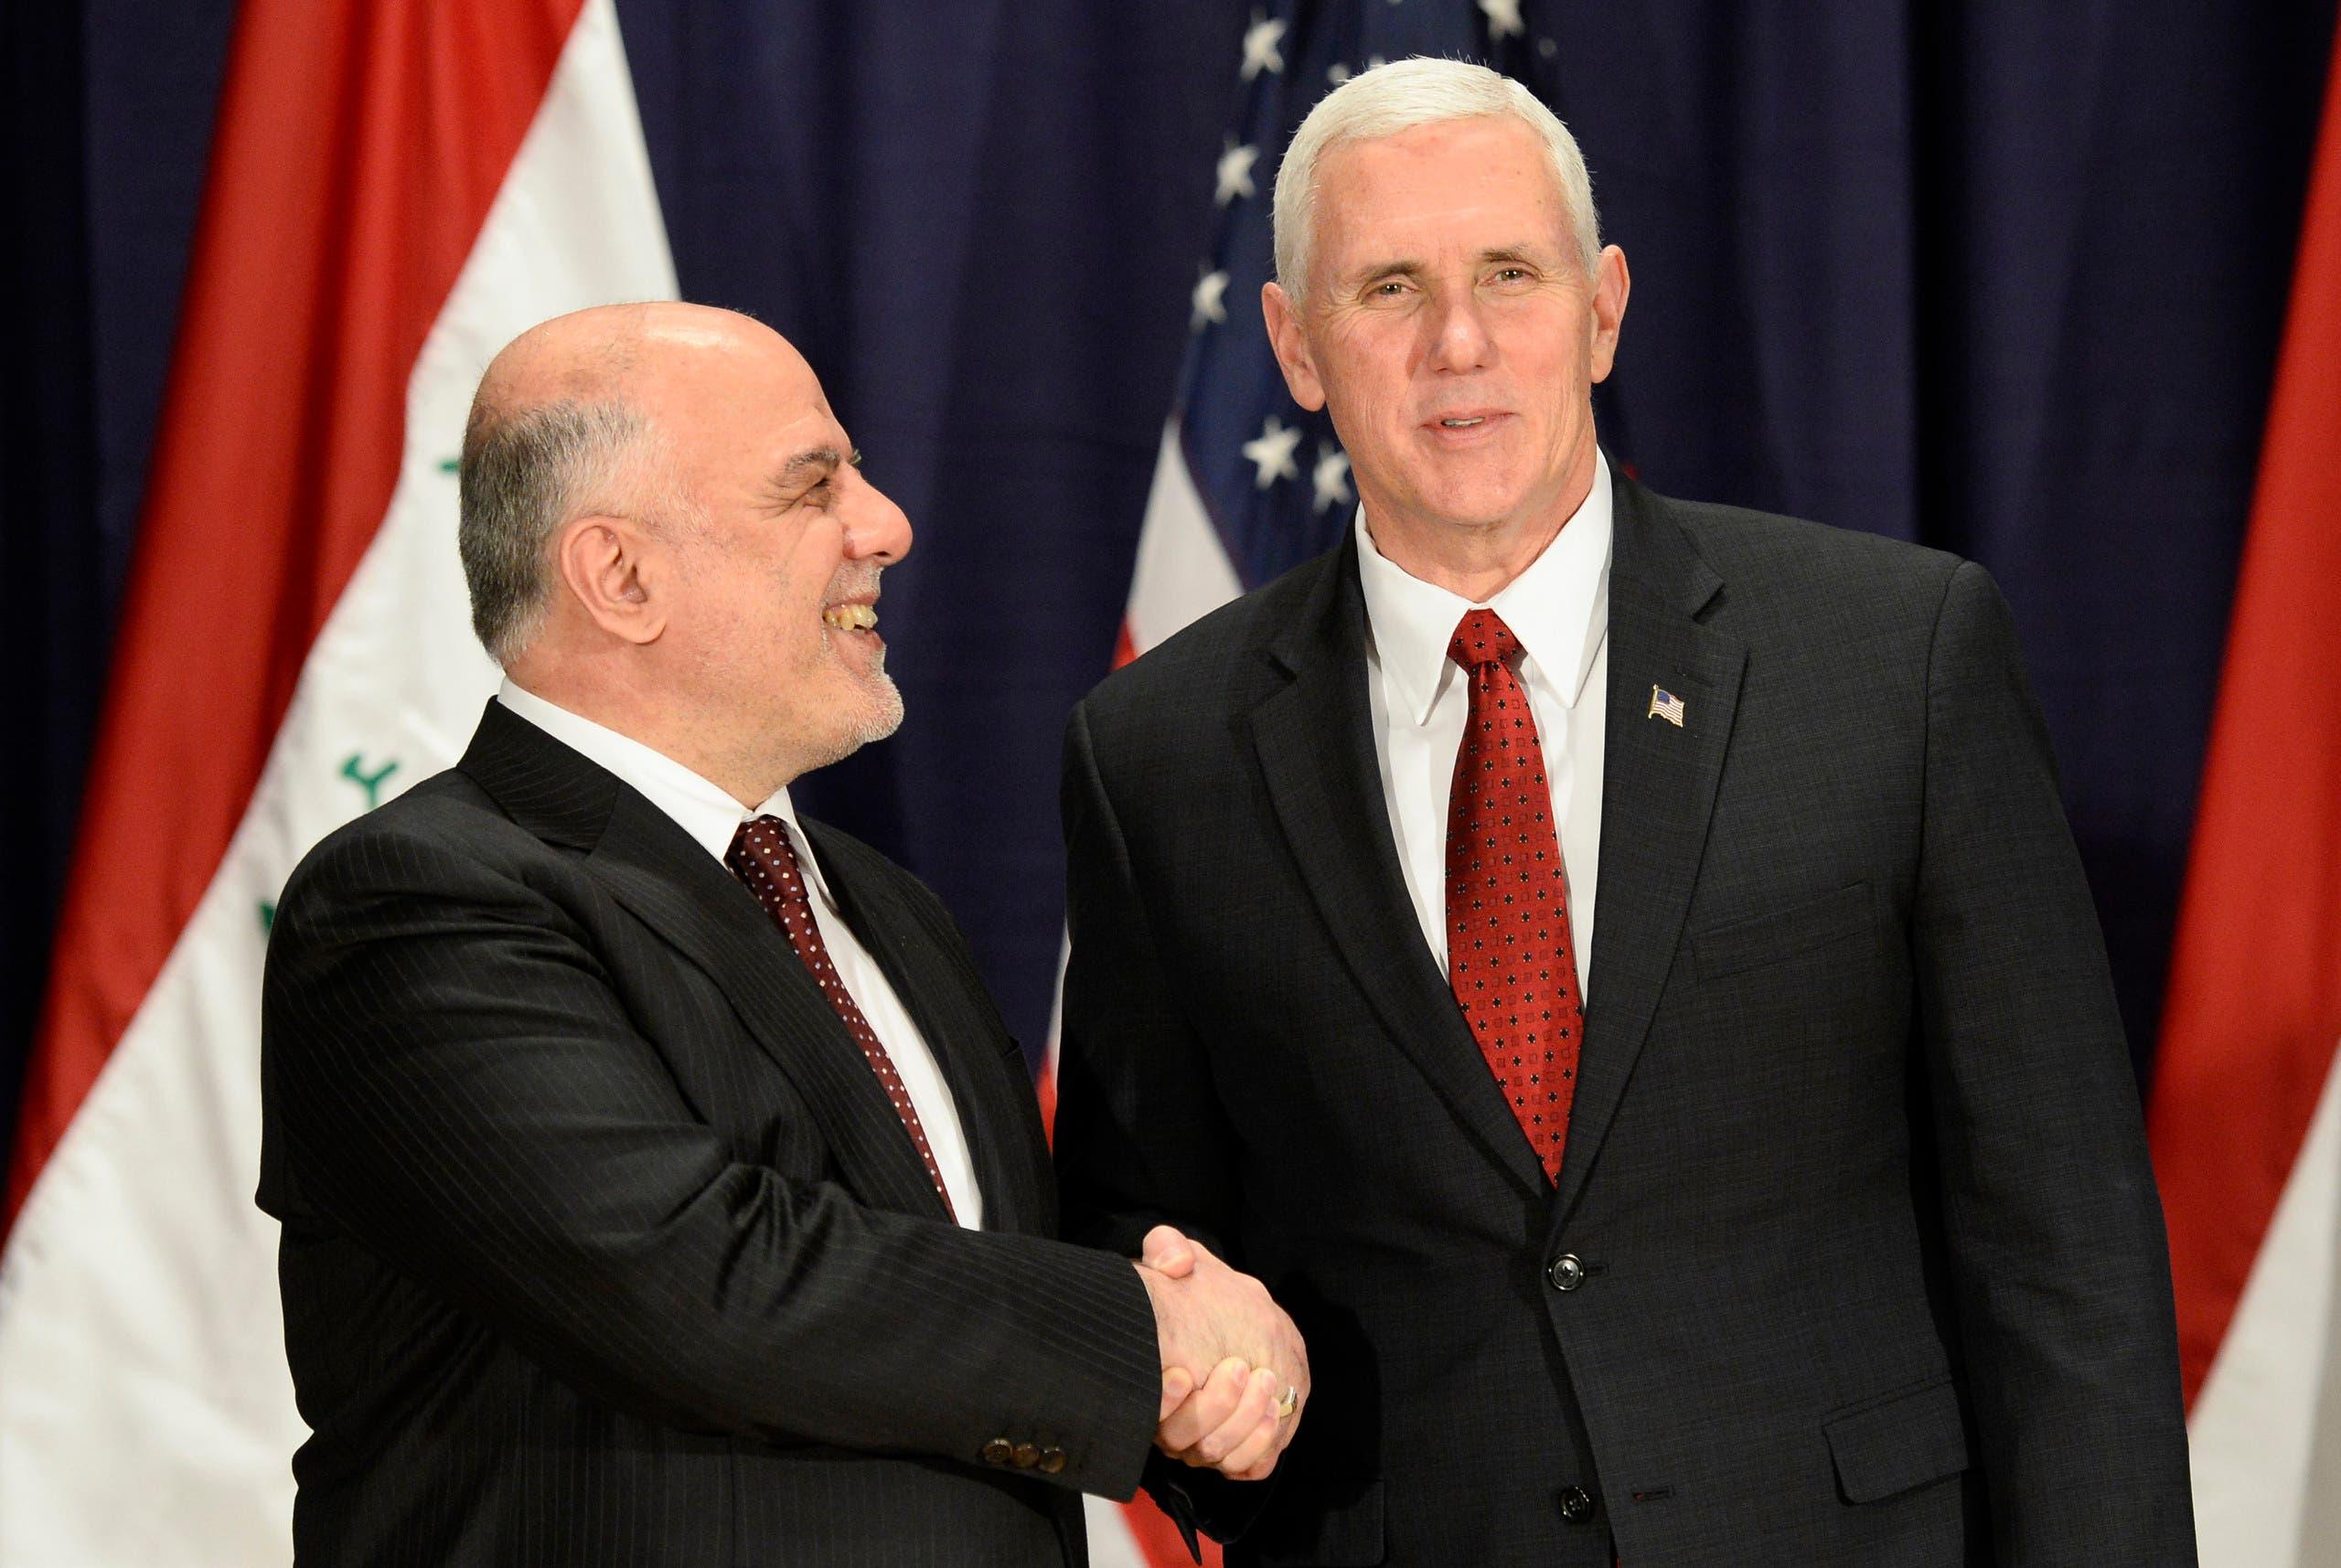 نائب الرئيس الأميركي ورئيس الوزراء العراقي في ميونيخ - أرشيفية